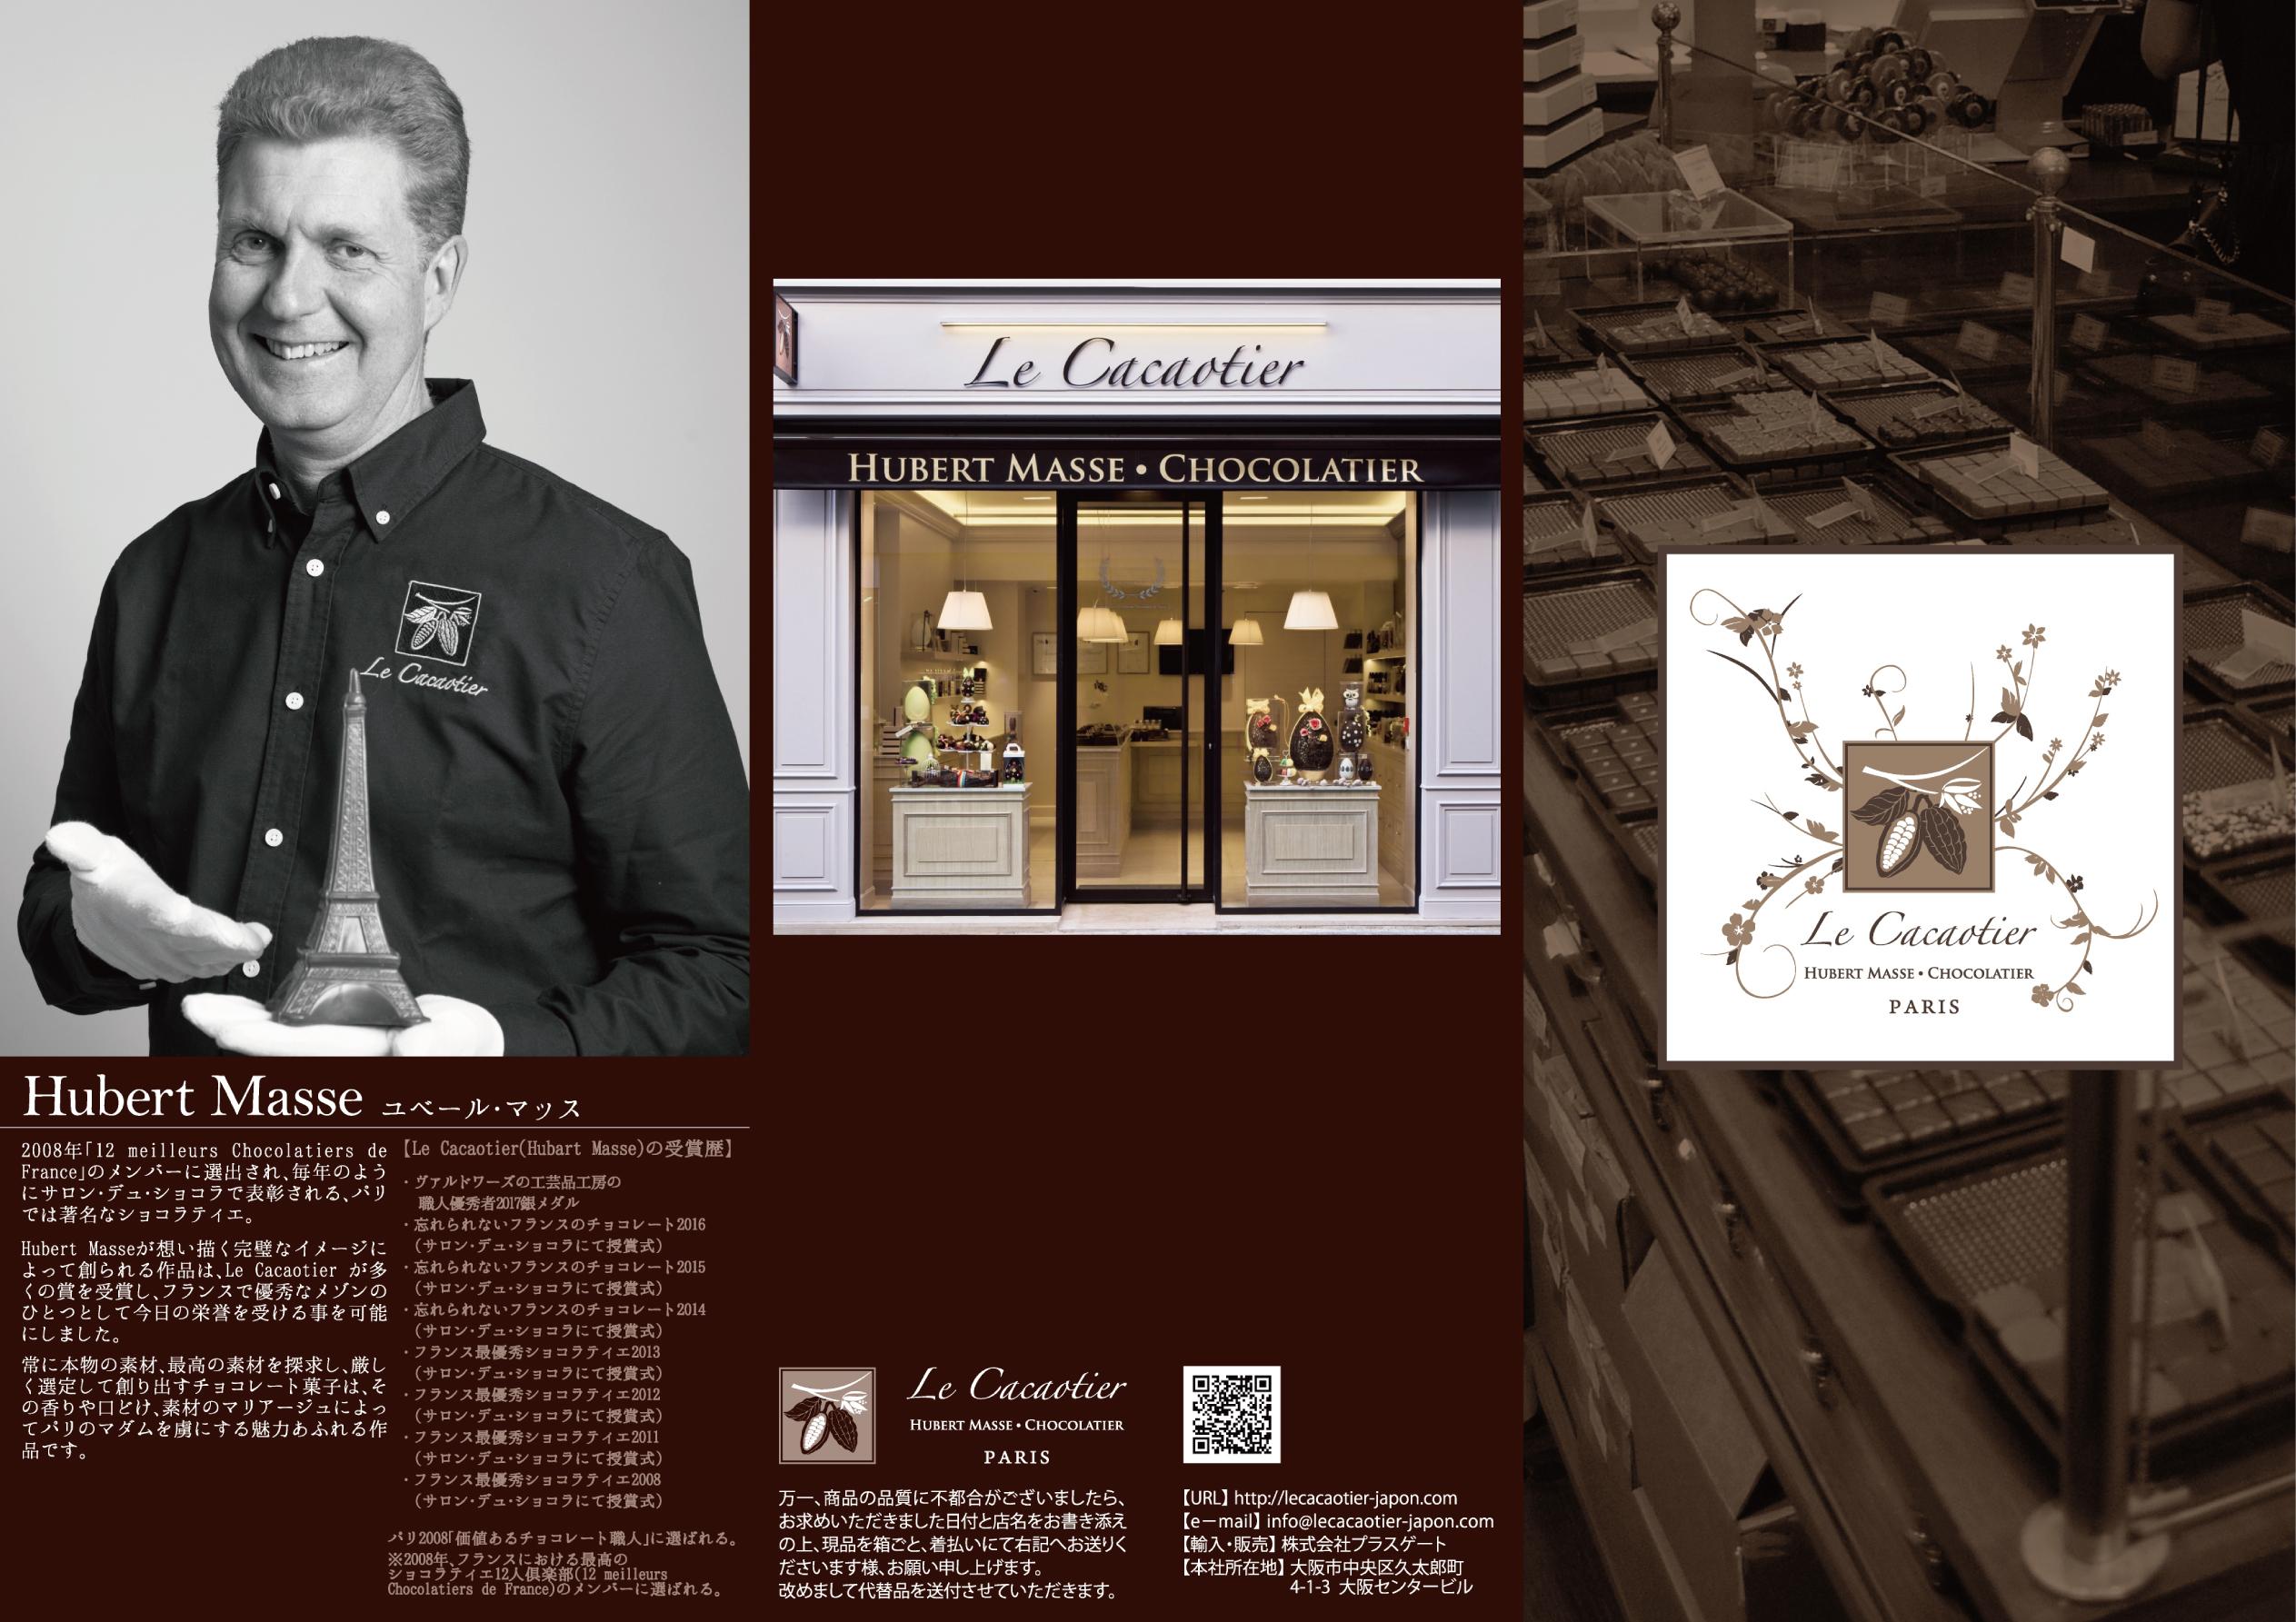 パリ発ショコラブランド「ル・カカオティエ」 バレンタイン限定で日本上陸 国内での本格販売は日本初!